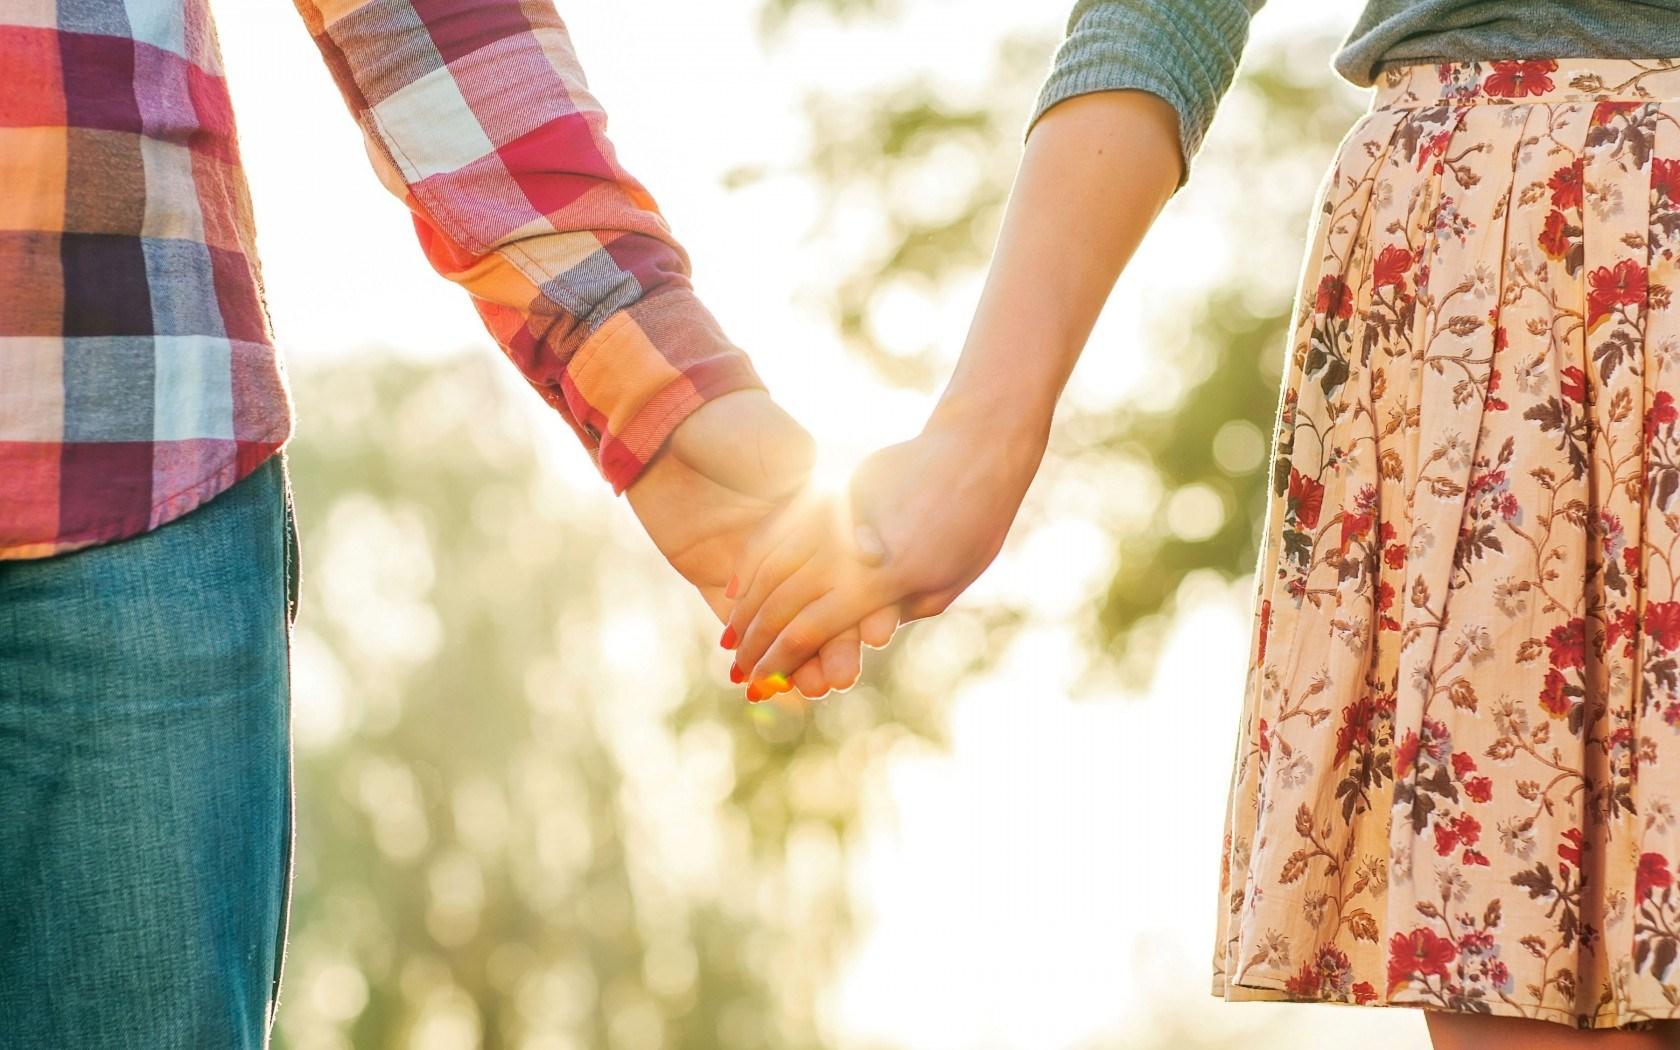 Mood Girl Boy Forever Love Hands Feeling